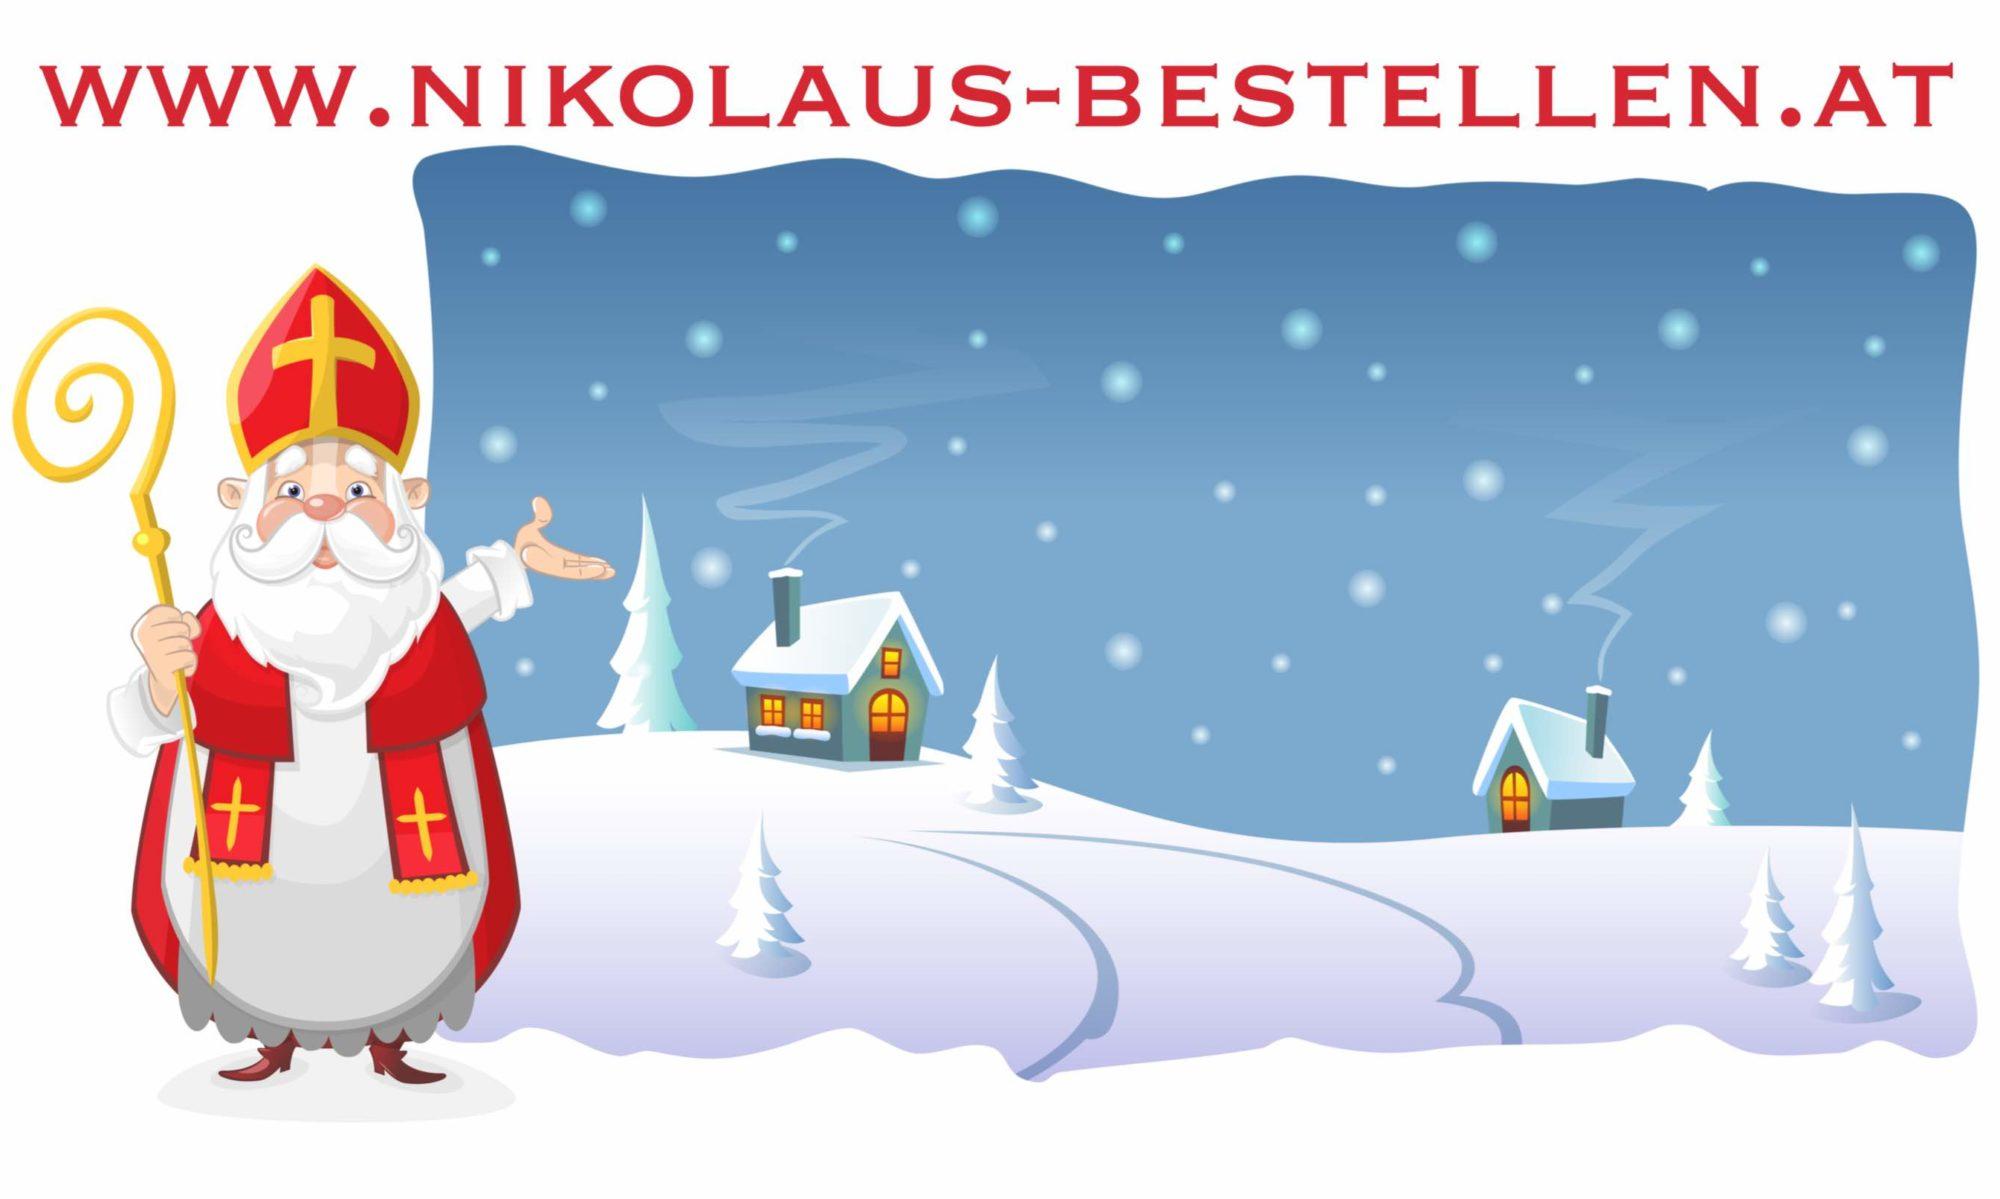 Nikolaus bestellen in Wien, Linz, Graz, Salzburg und umgebung